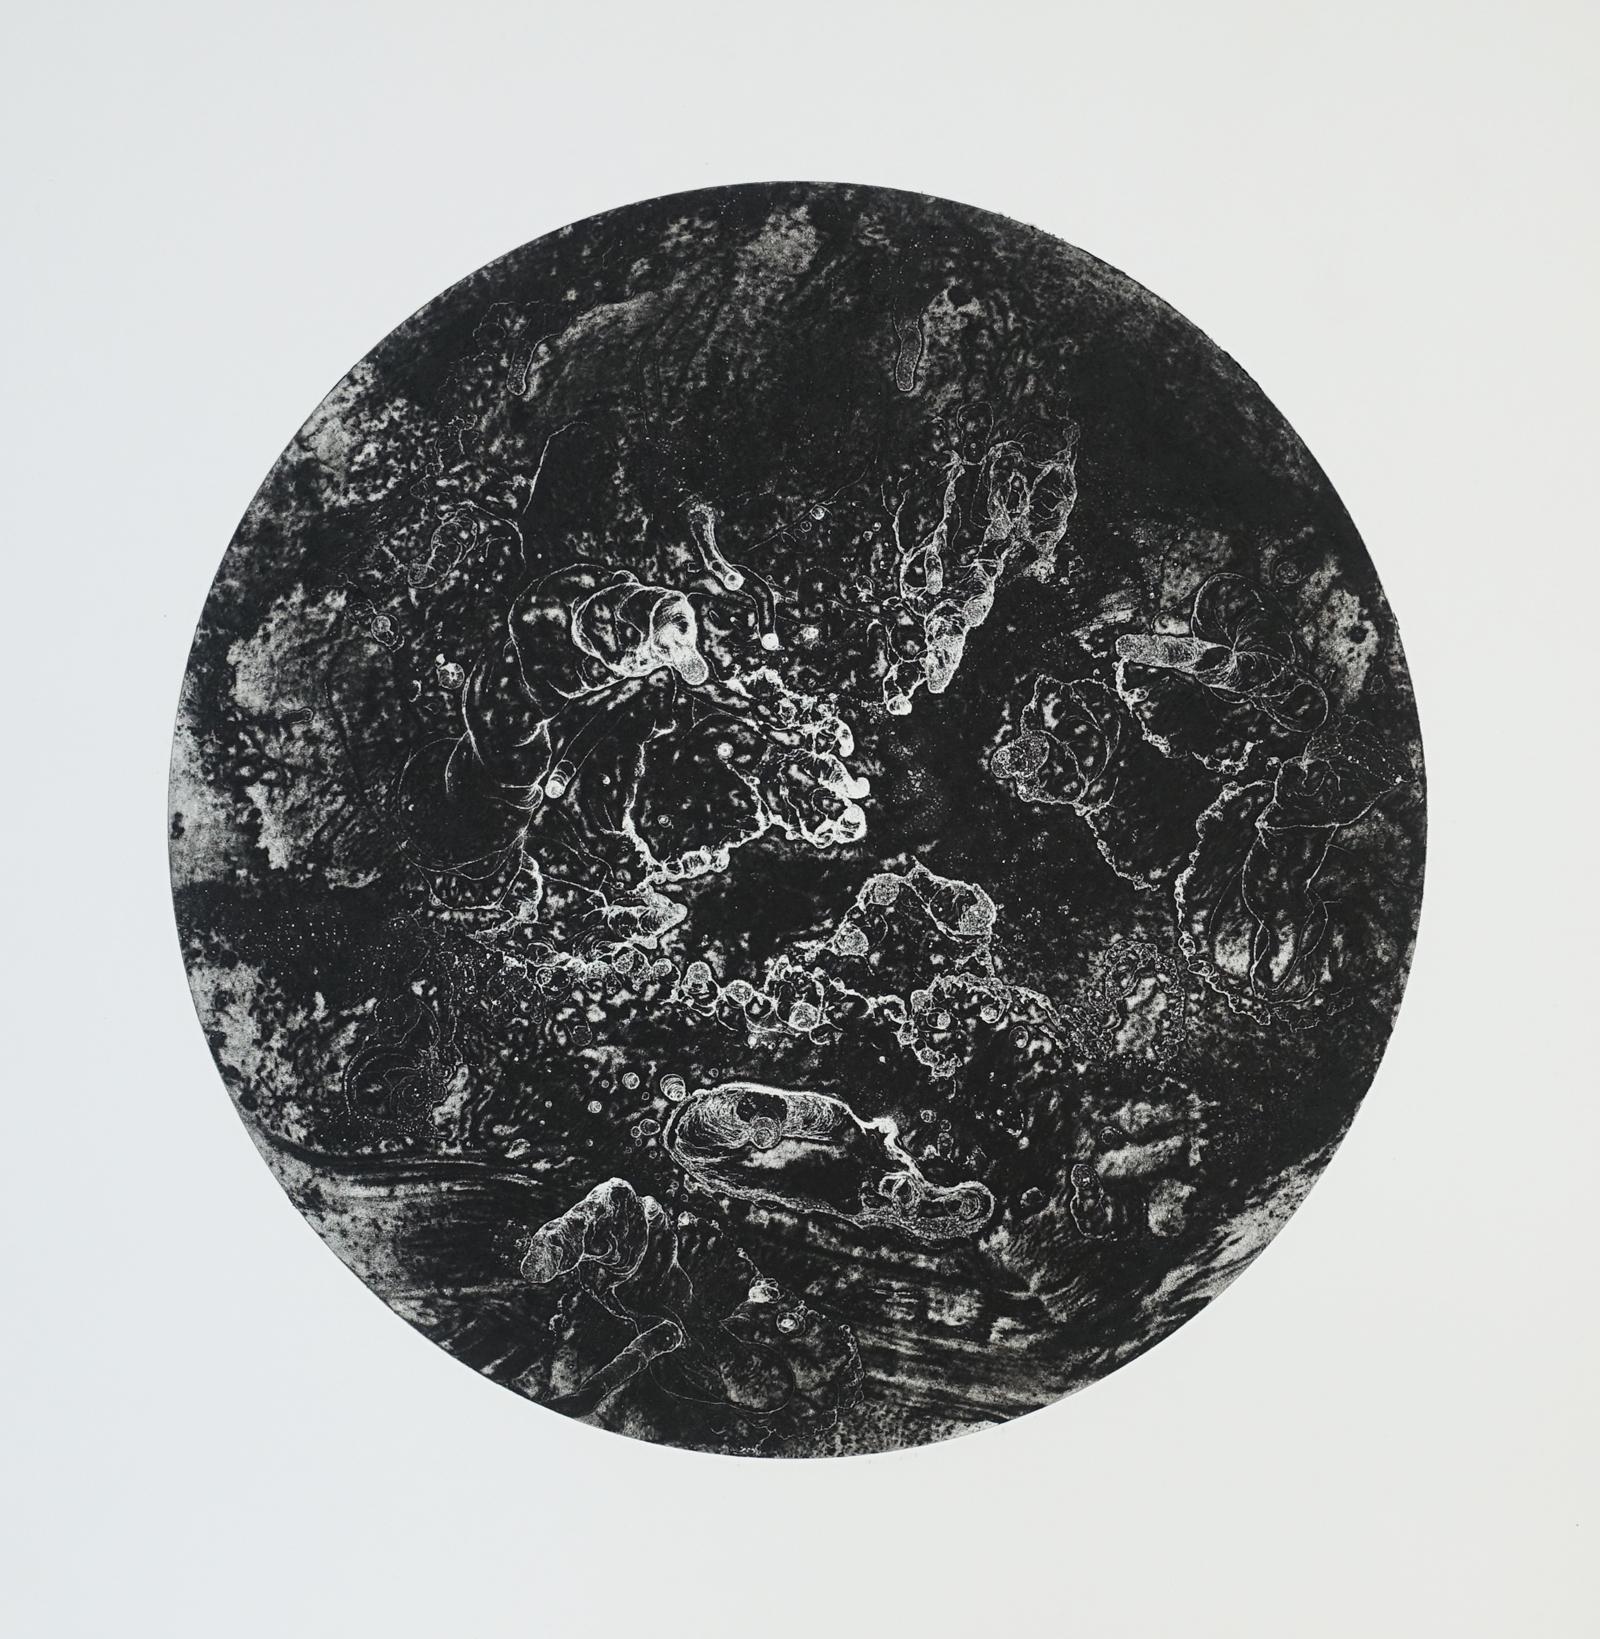 Tomasz Knapik, Black Matter